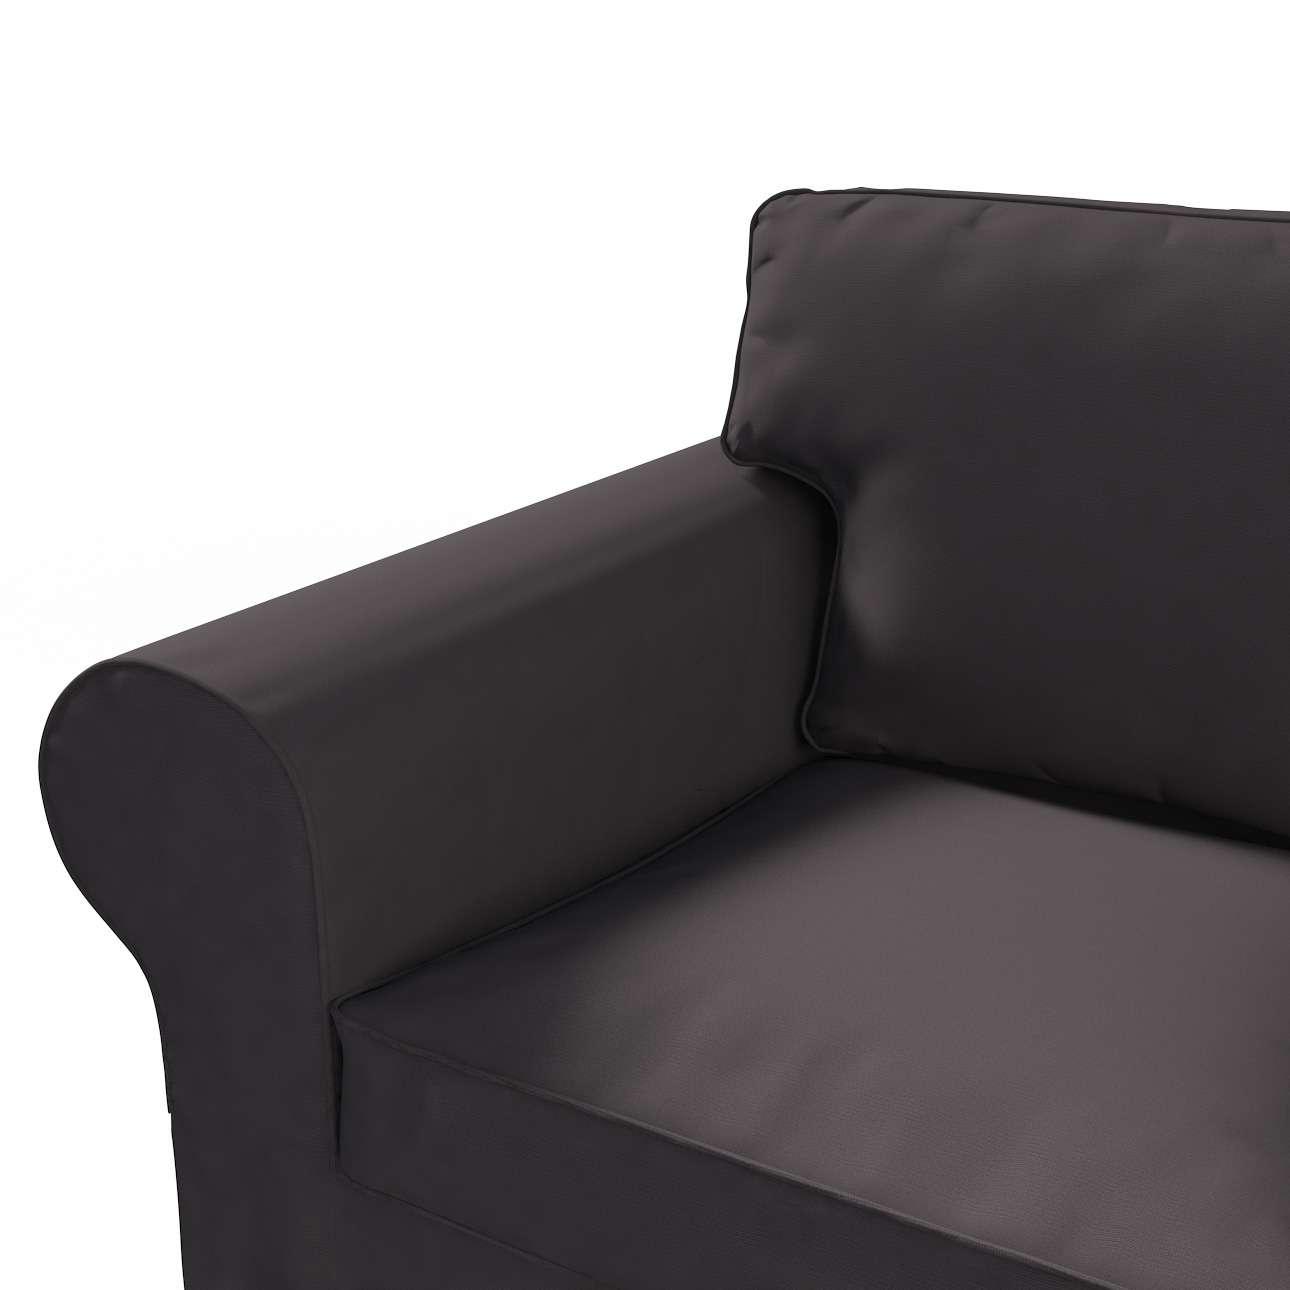 Ektorp 2-Sitzer Schlafsofabezug  NEUES Modell  Sofabezug für  Ektorp 2-Sitzer ausklappbar, neues Modell von der Kollektion Cotton Panama, Stoff: 702-09